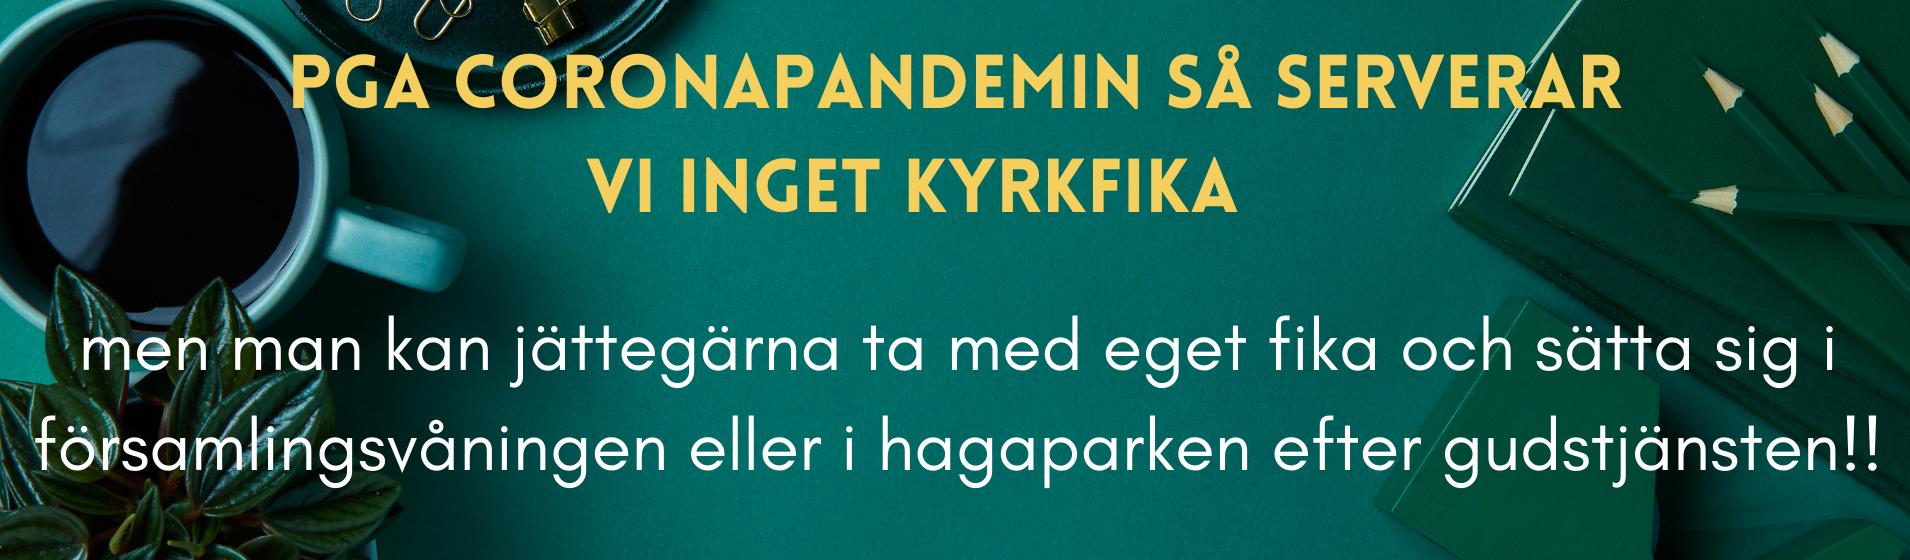 Kyrkfika